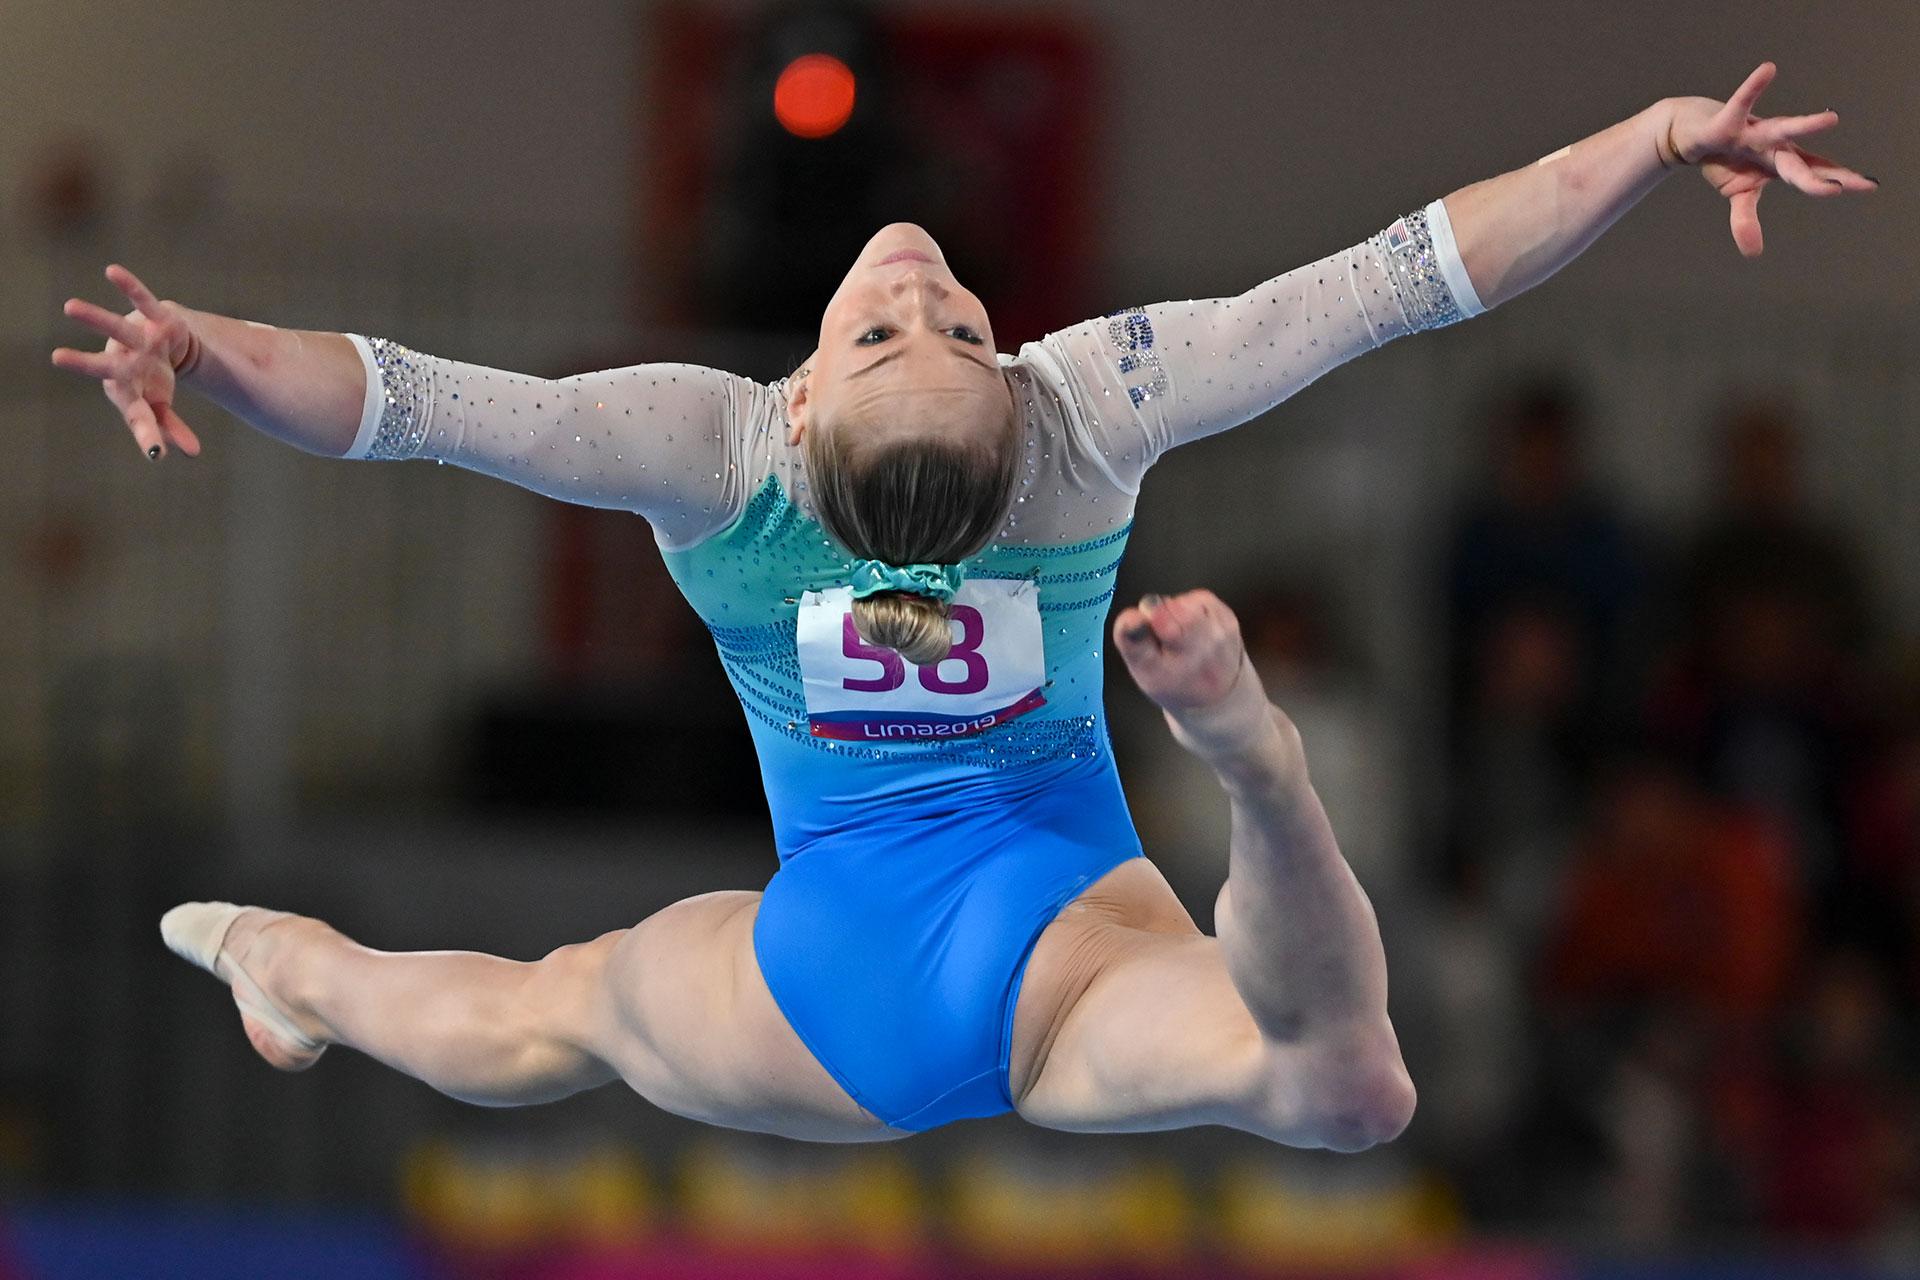 La estadounidenseRiley McCusker. (Photo by Luis ROBAYO / AFP)